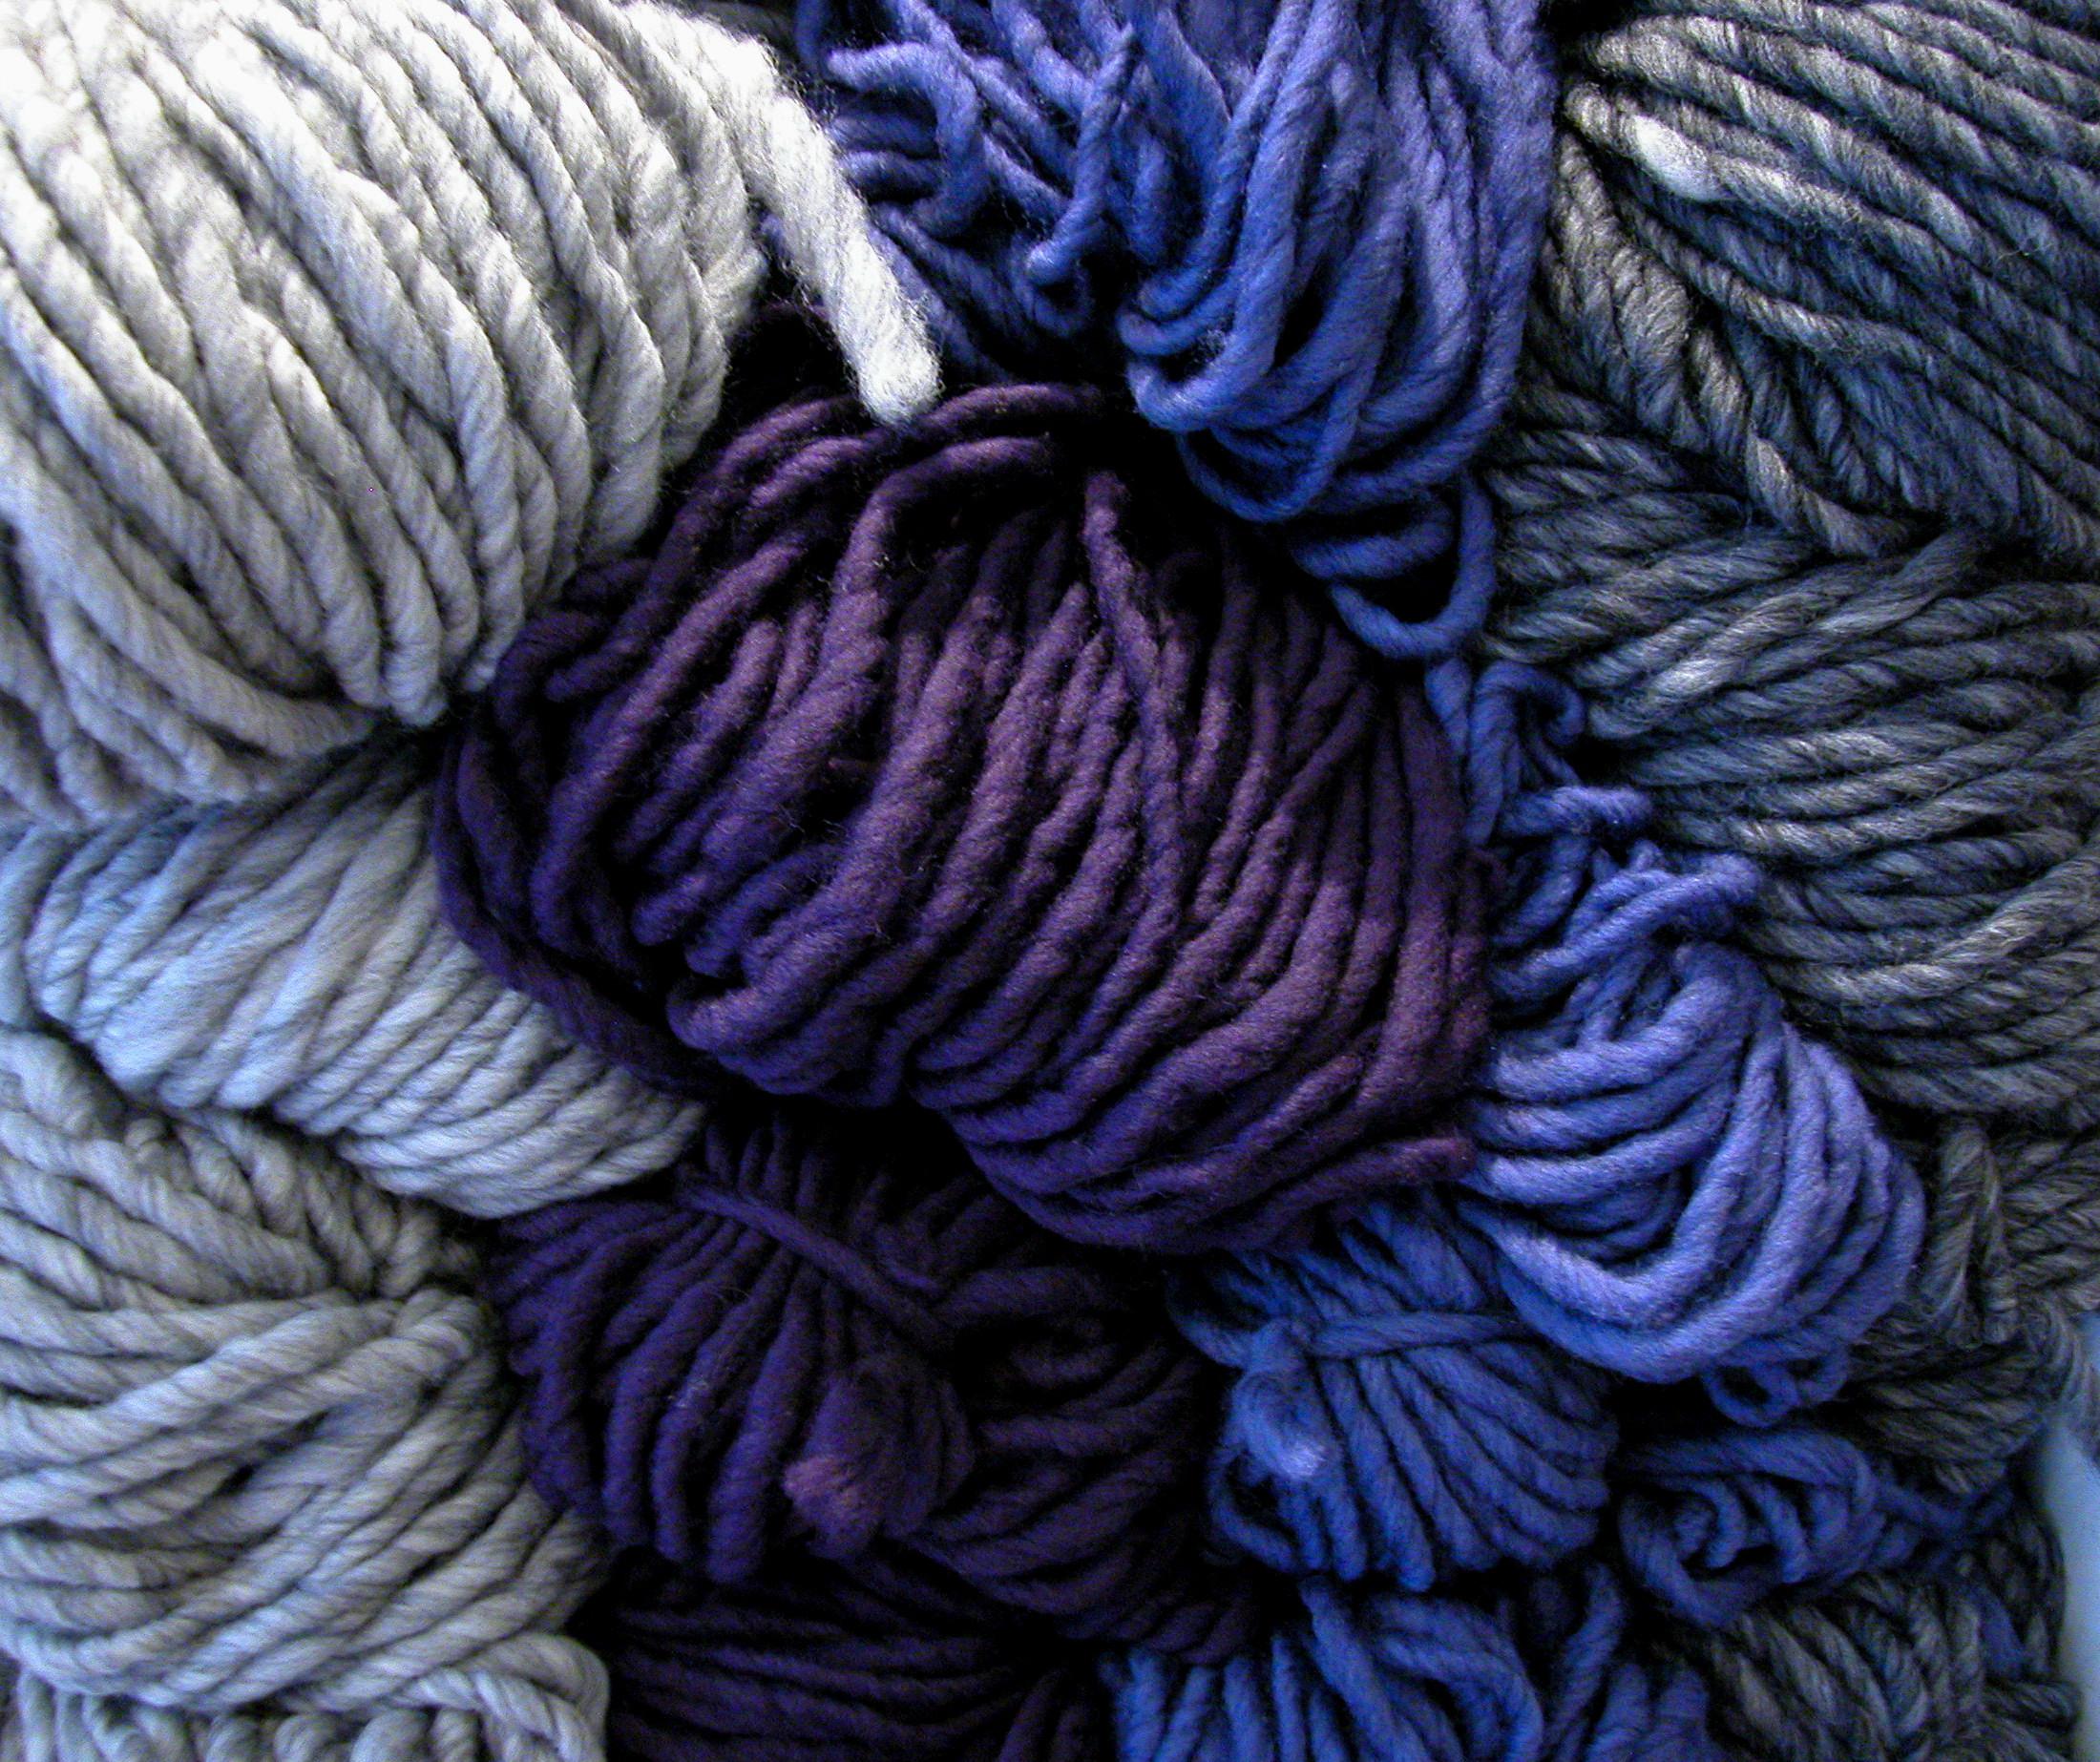 Knit Cowl Pattern Super Bulky Yarn : super bulky yarn cowl pattern the knit cafe